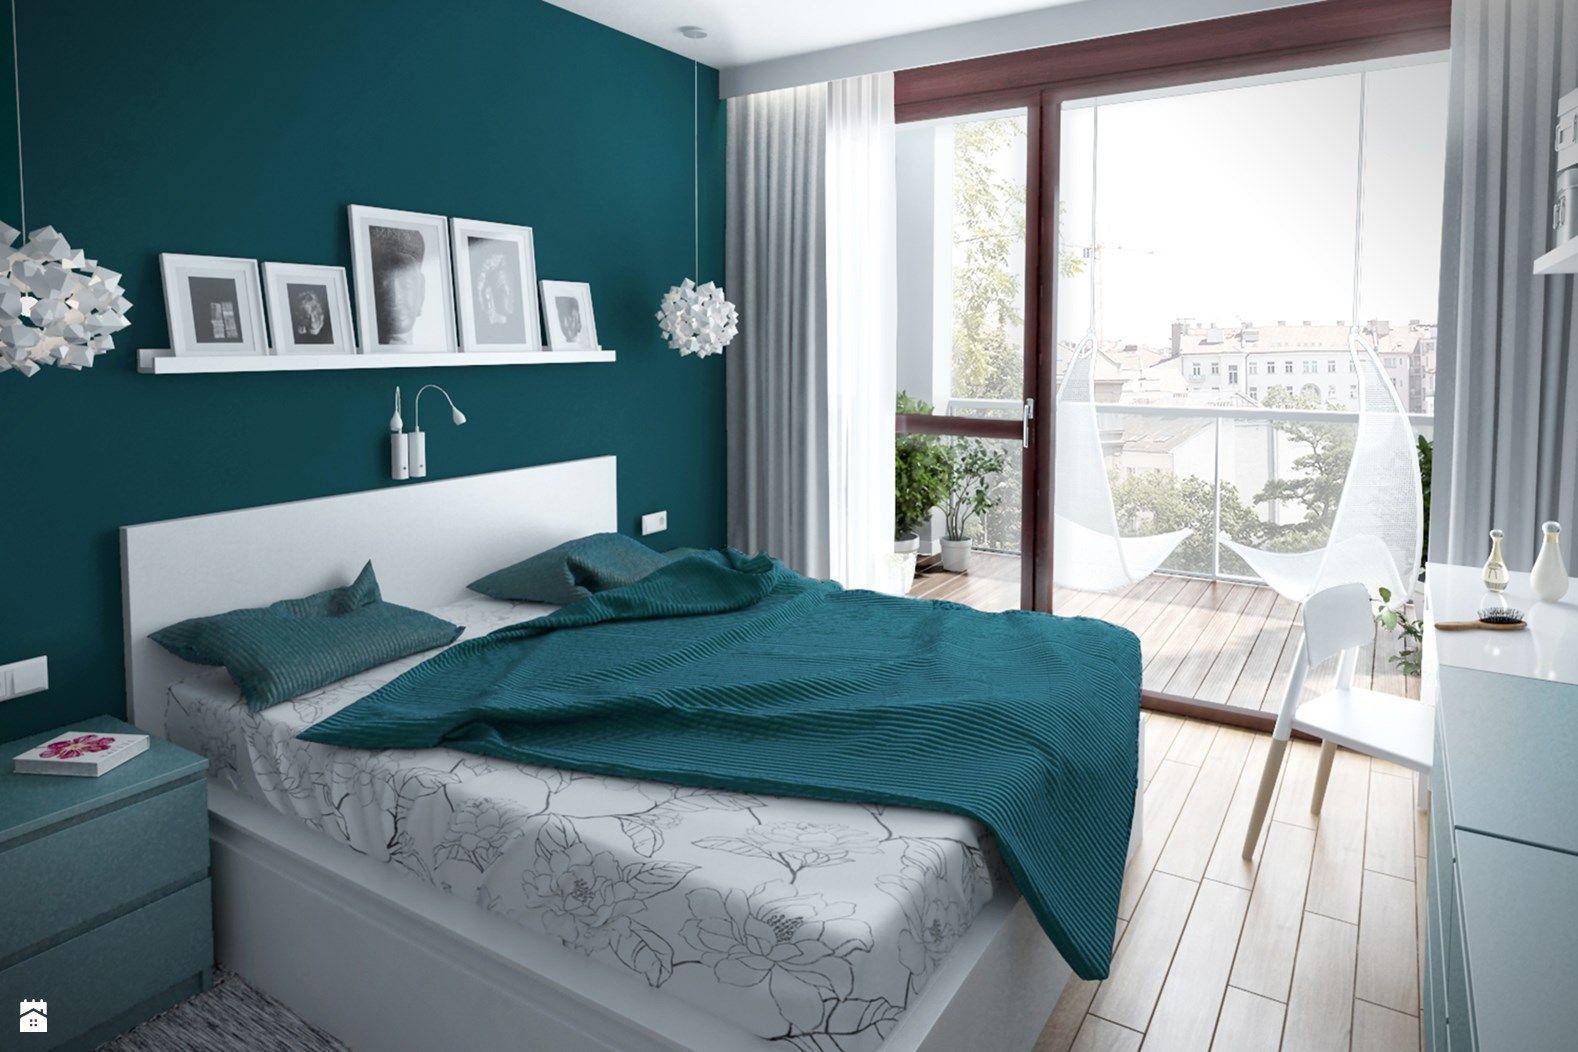 sypialnia zdja™cie od home style sypialnia home style